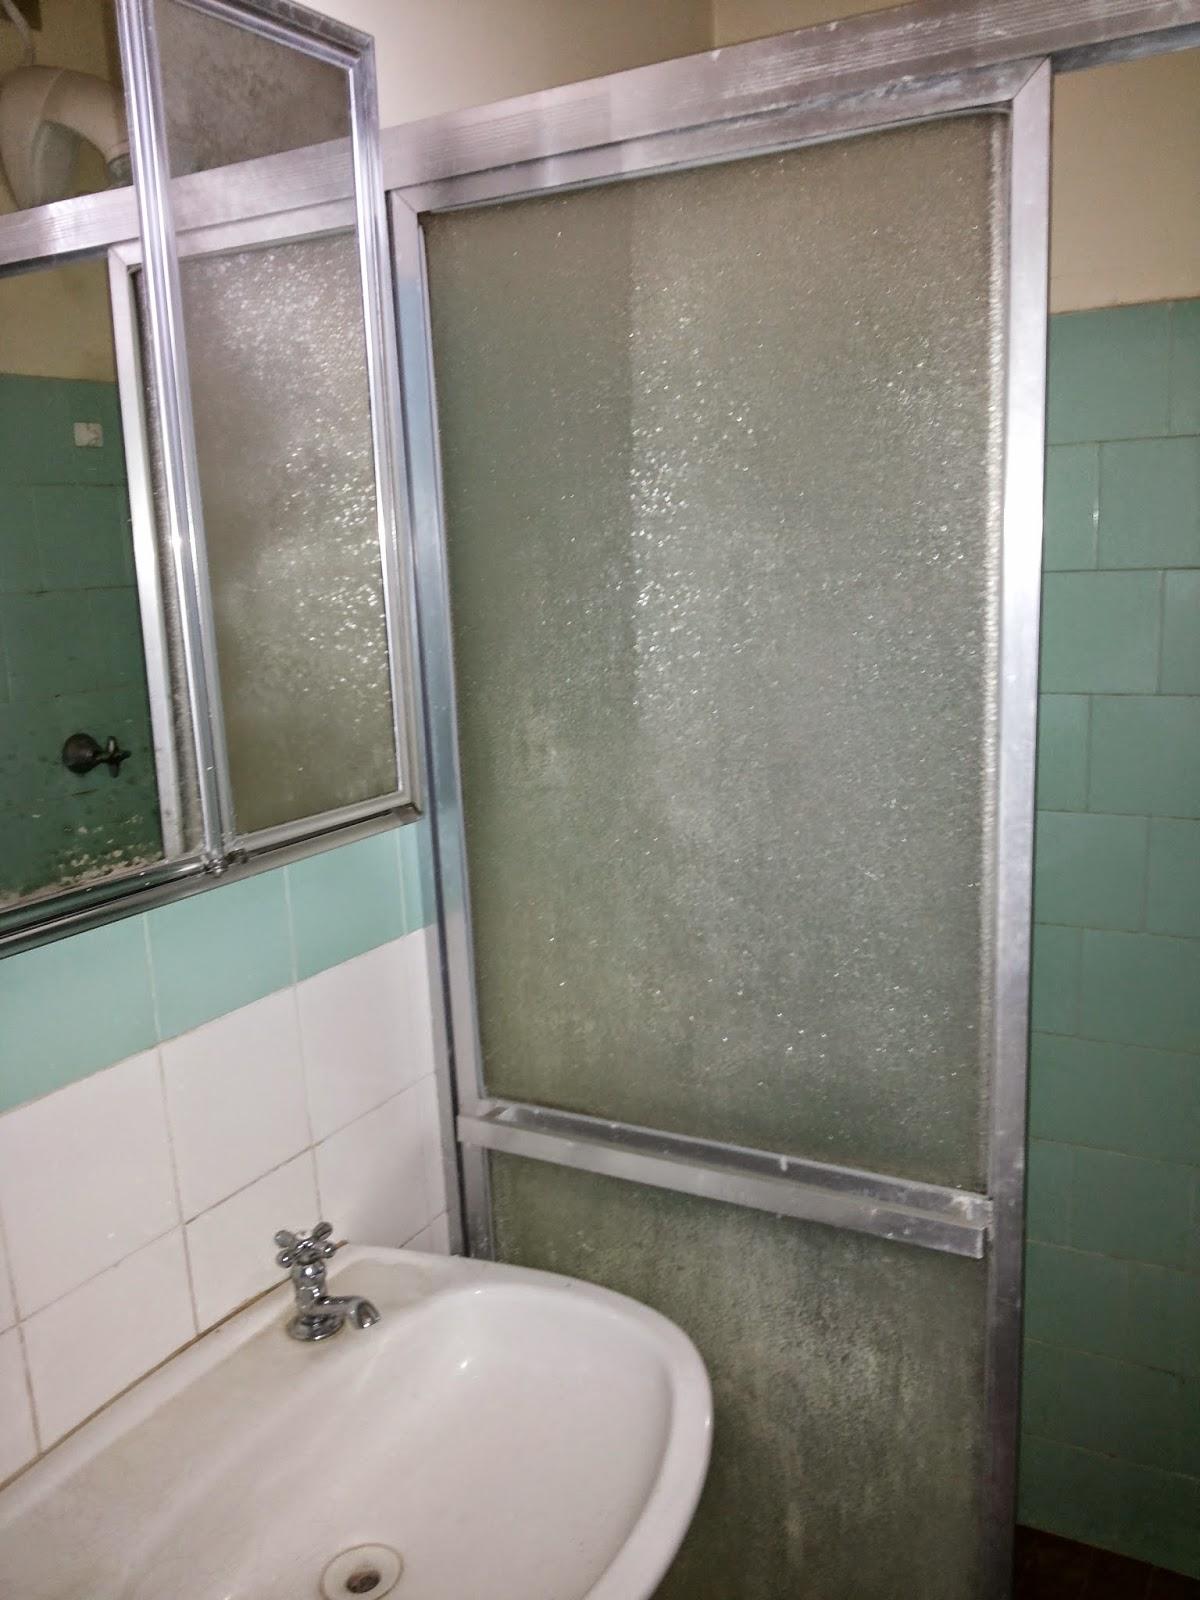 para o restante do banheiro e azulejo pastilhado para as paredes #5C5141 1200 1600